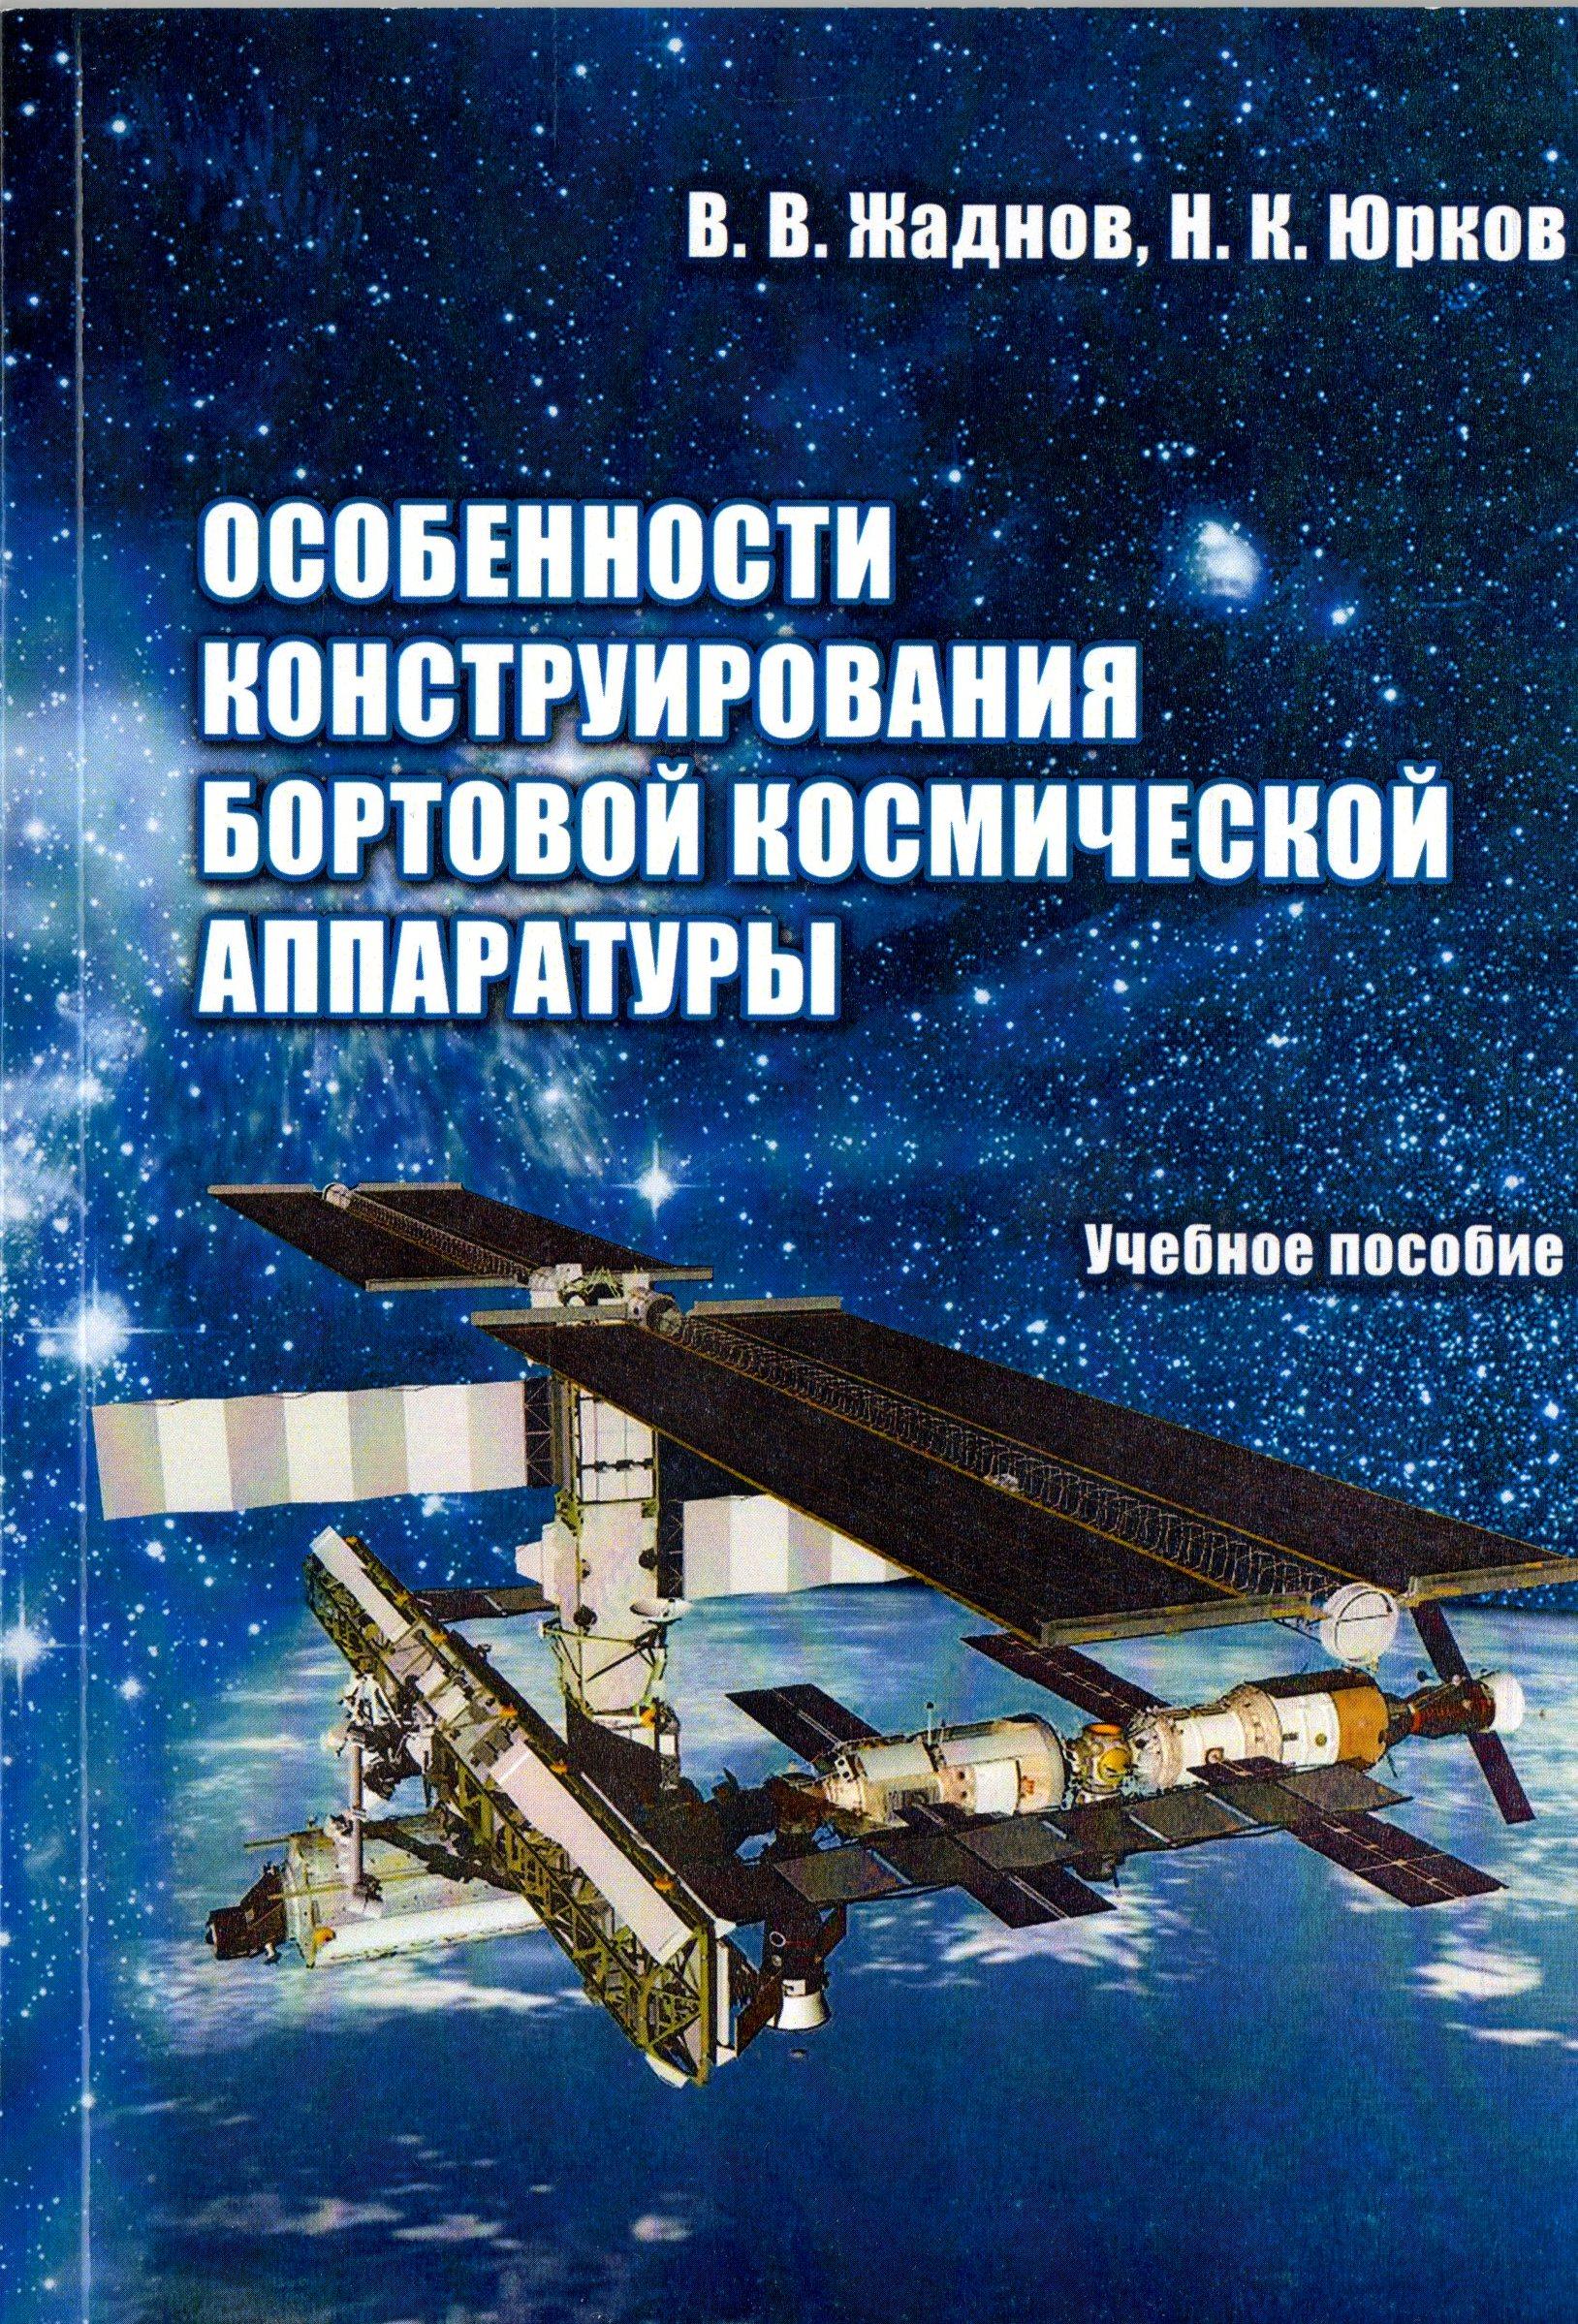 Особенности конструирования бортовой космической аппаратуры